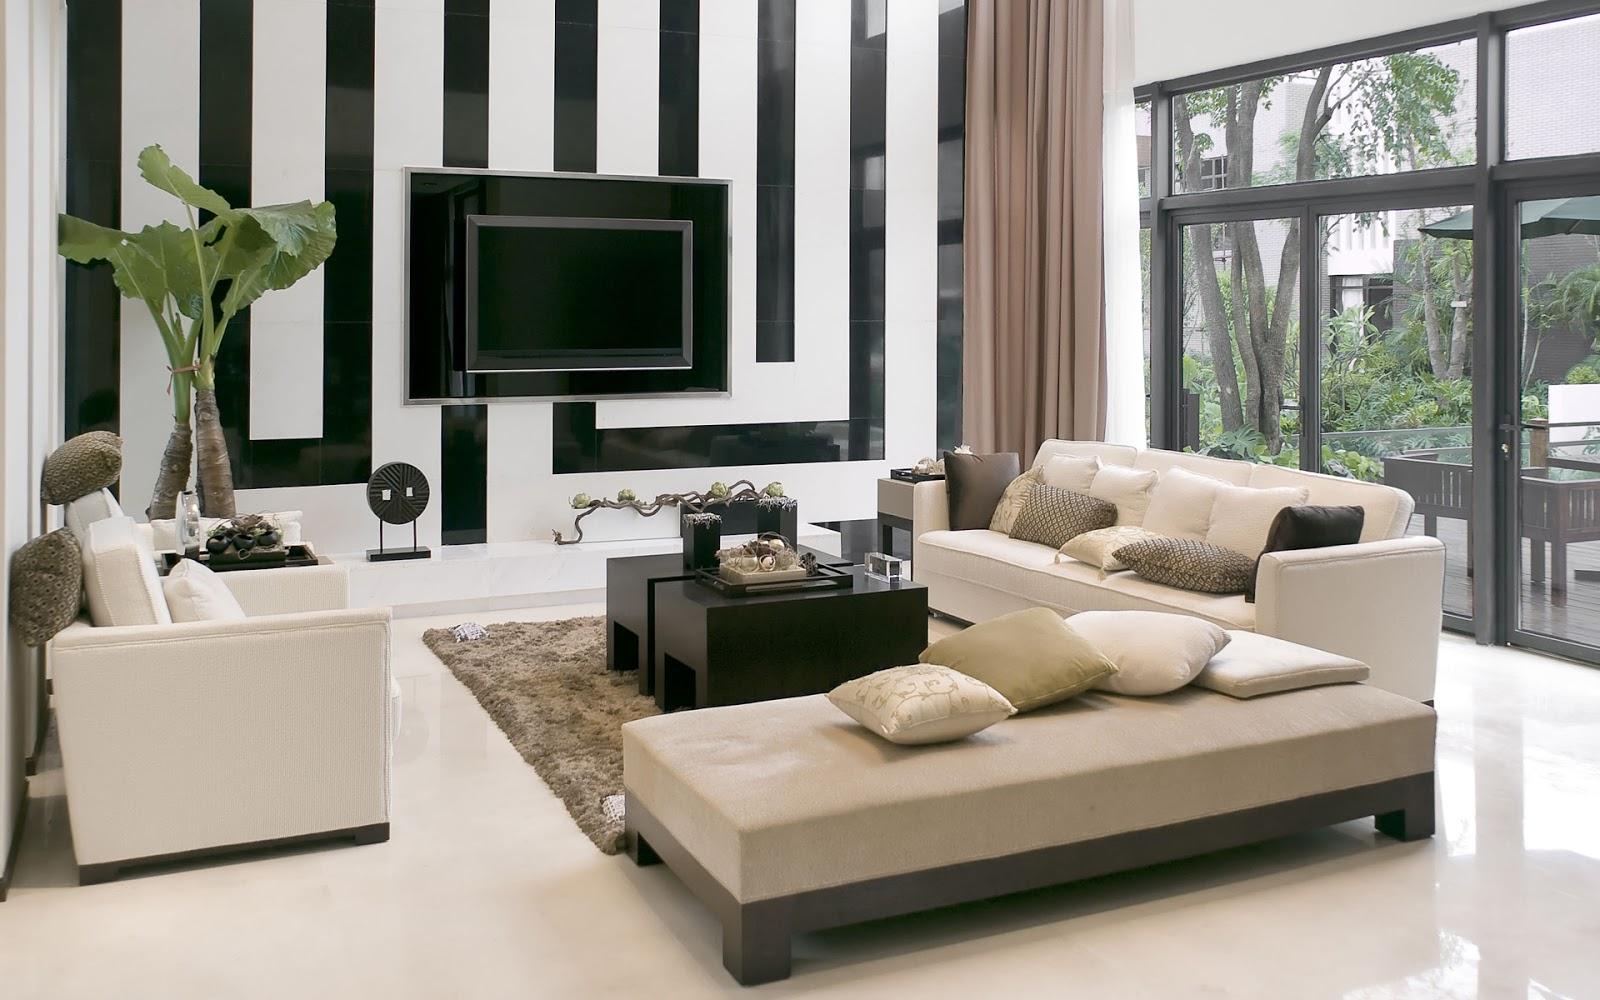 View In Gallery Dekorasi Ruang Tamu Idaman Boleh Juga Cedok Idea Ini Untuk Rumah Teres Anda